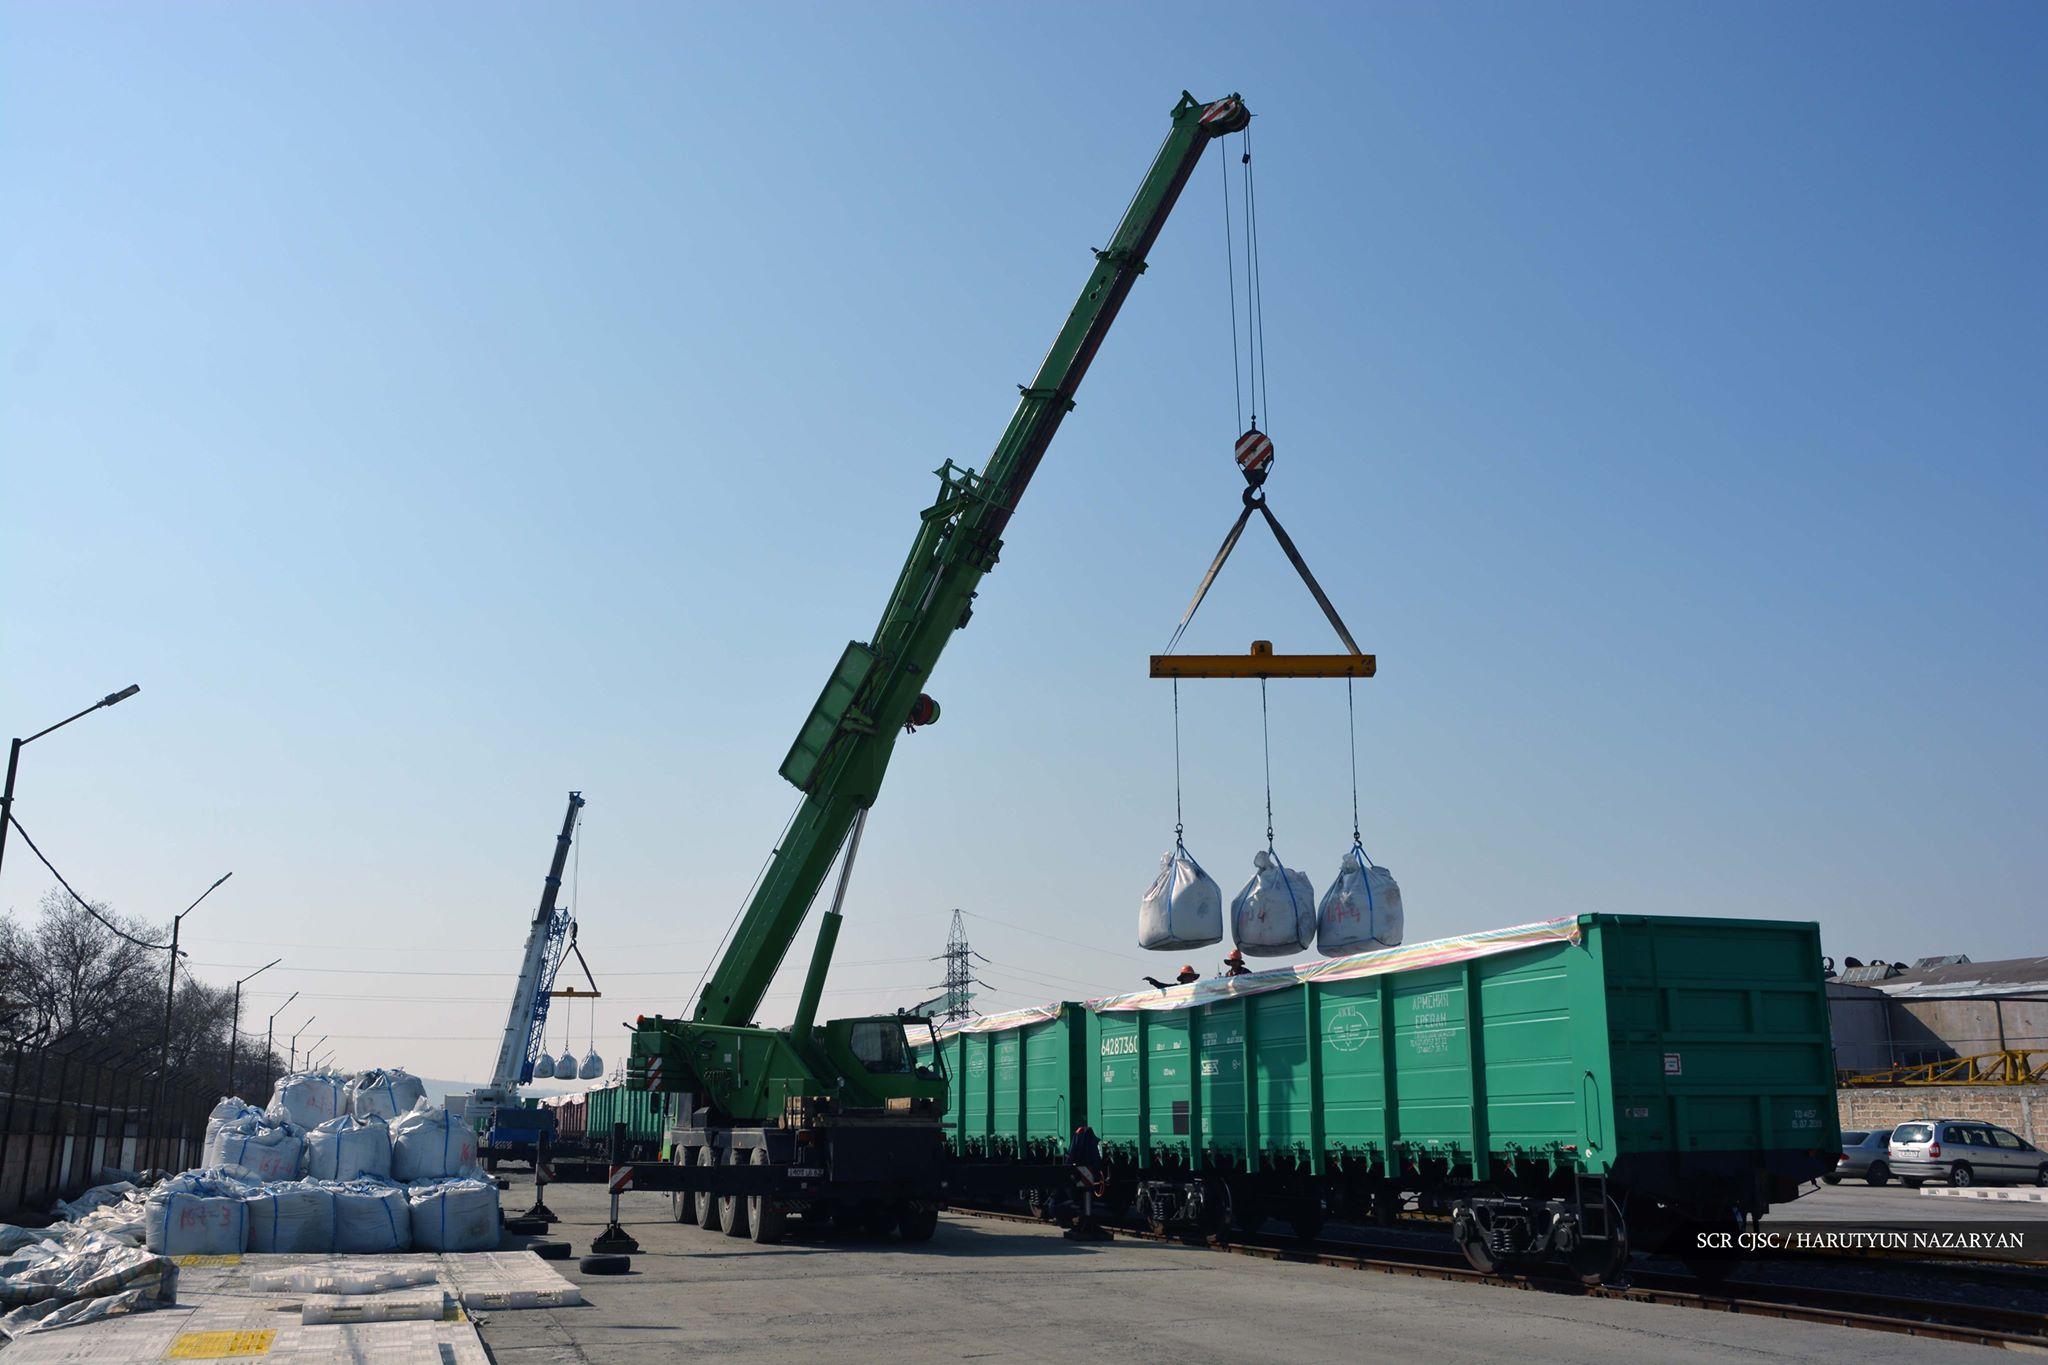 Հարավկովկասյան երկաթուղին շարունակում է ապահովել երկաթուղային բեռնափոխադրումների իրականացումը